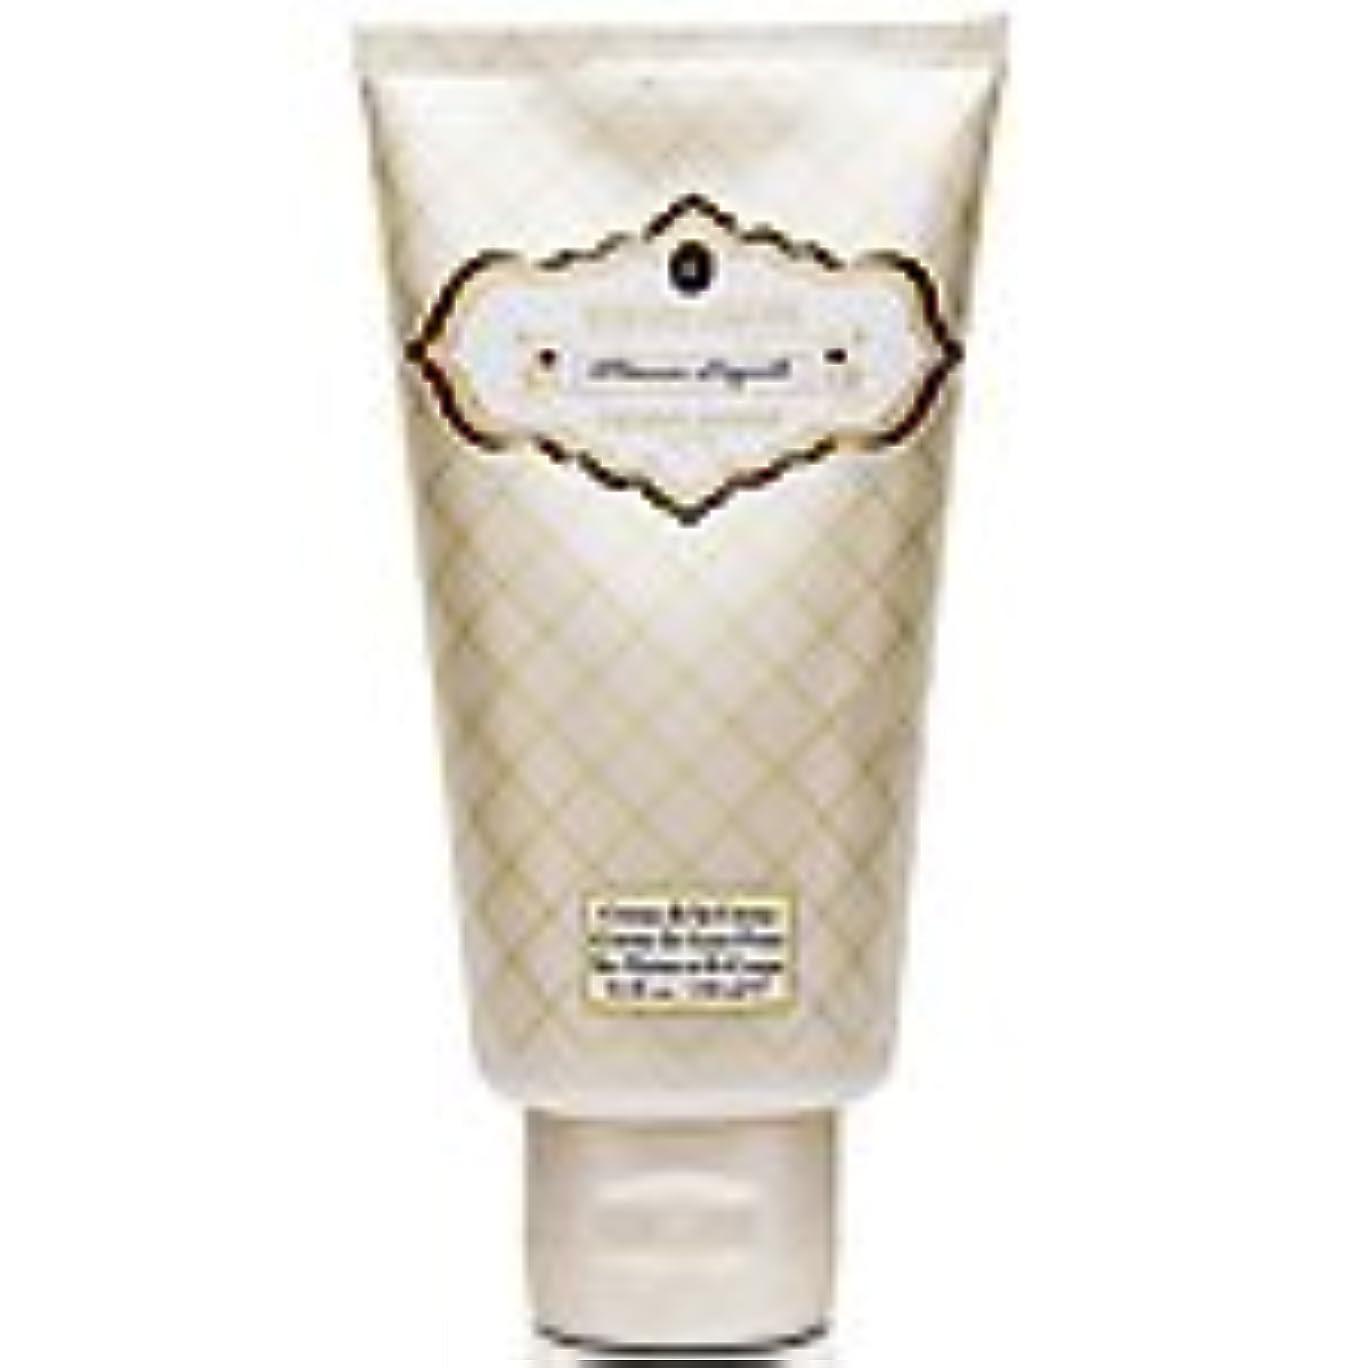 ツール分離する抹消Memoire Liquide Reserve - Amour Liquide (メモワールリキッドリザーブ - アモアーリキッド) 5.1 oz (153ml) Body Cream for Unisex